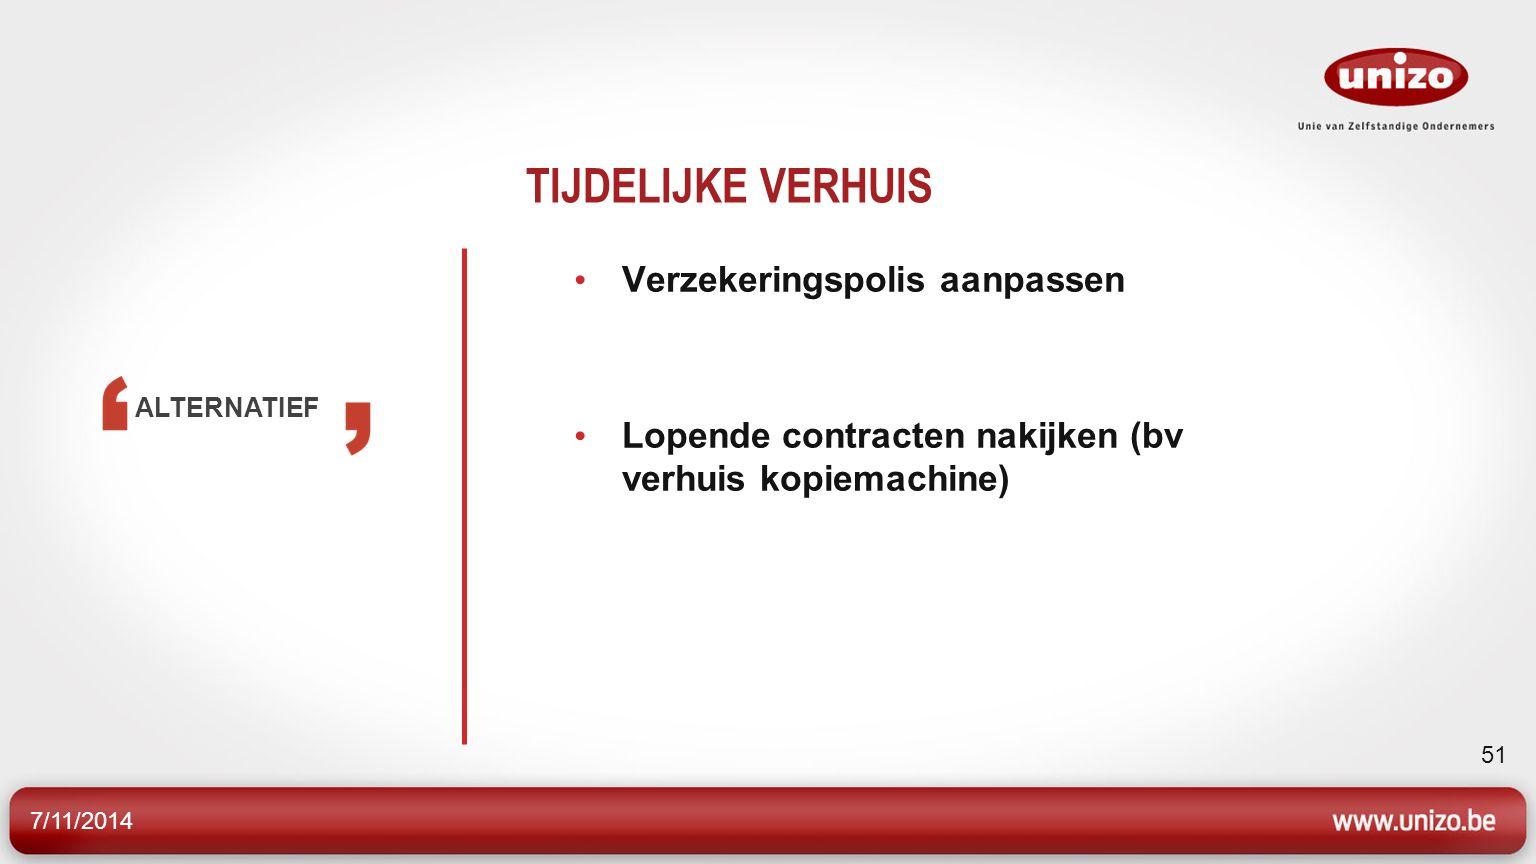 7/11/2014 51 TIJDELIJKE VERHUIS Verzekeringspolis aanpassen Lopende contracten nakijken (bv verhuis kopiemachine) ALTERNATIEF